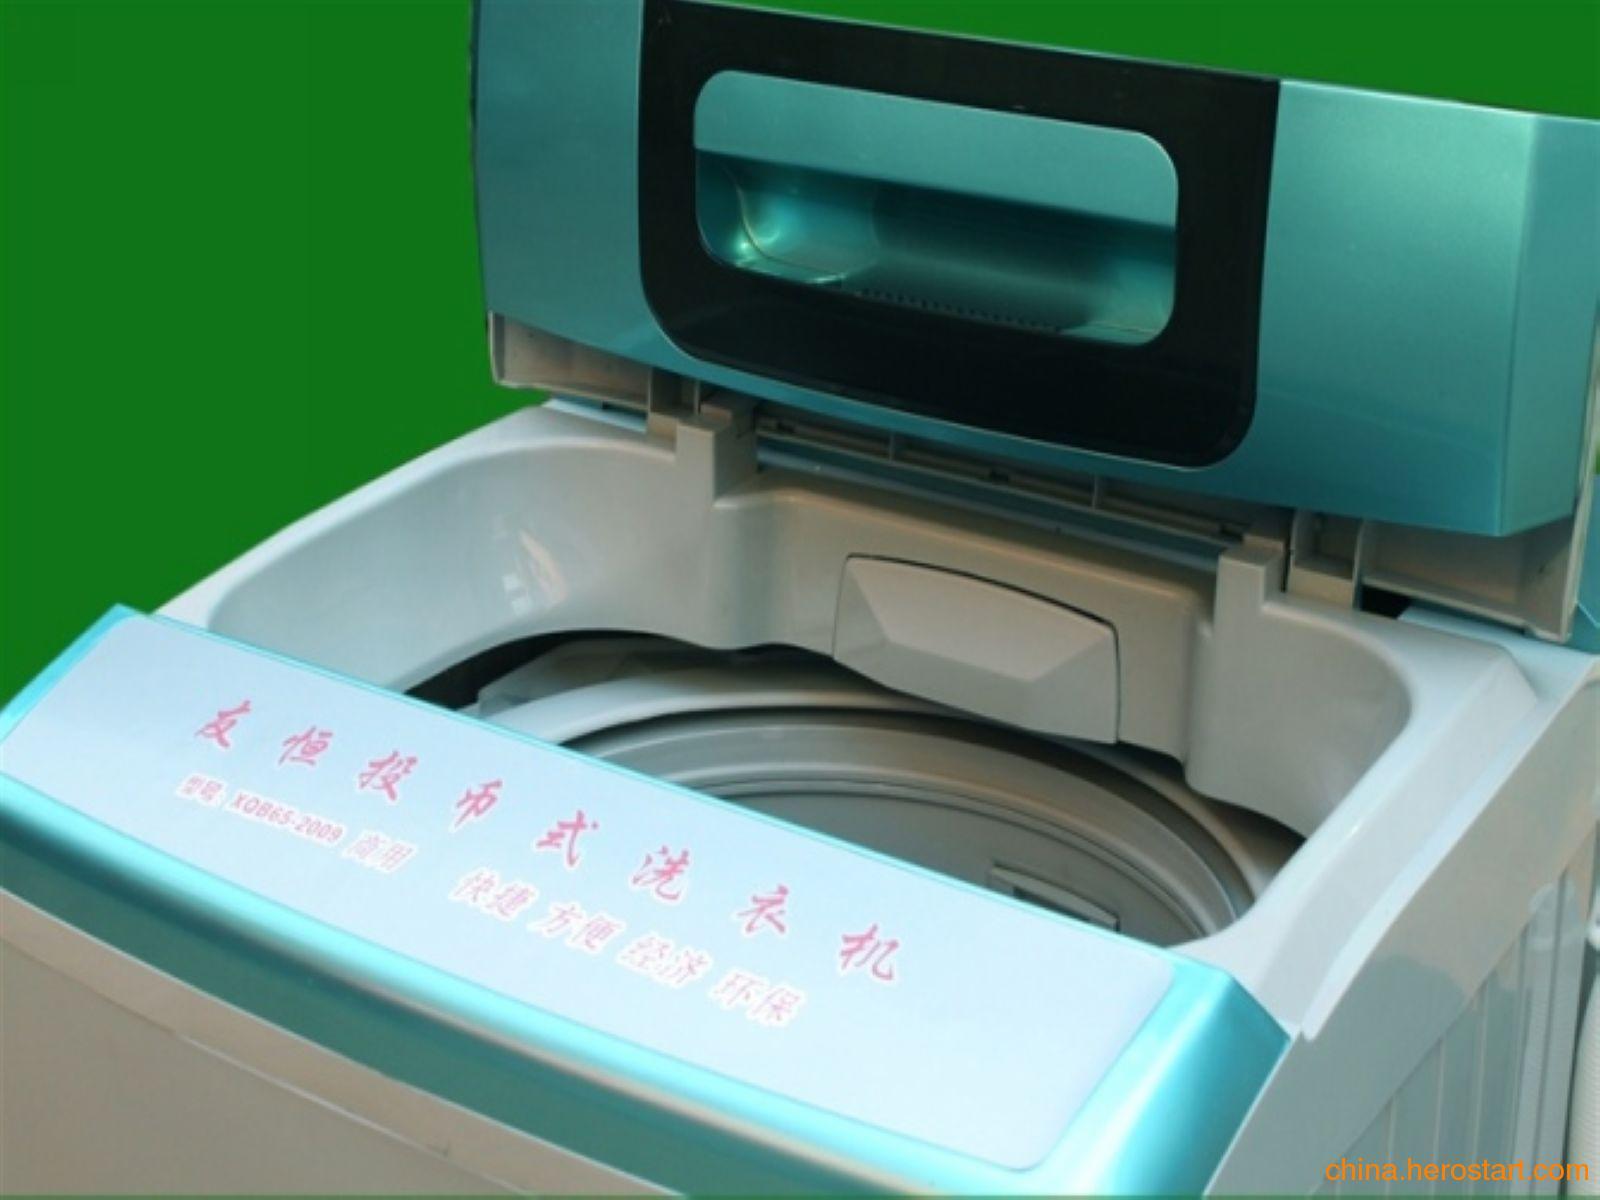 供应容声投币洗衣机XQB50-2009全国联保-容声投币洗衣机